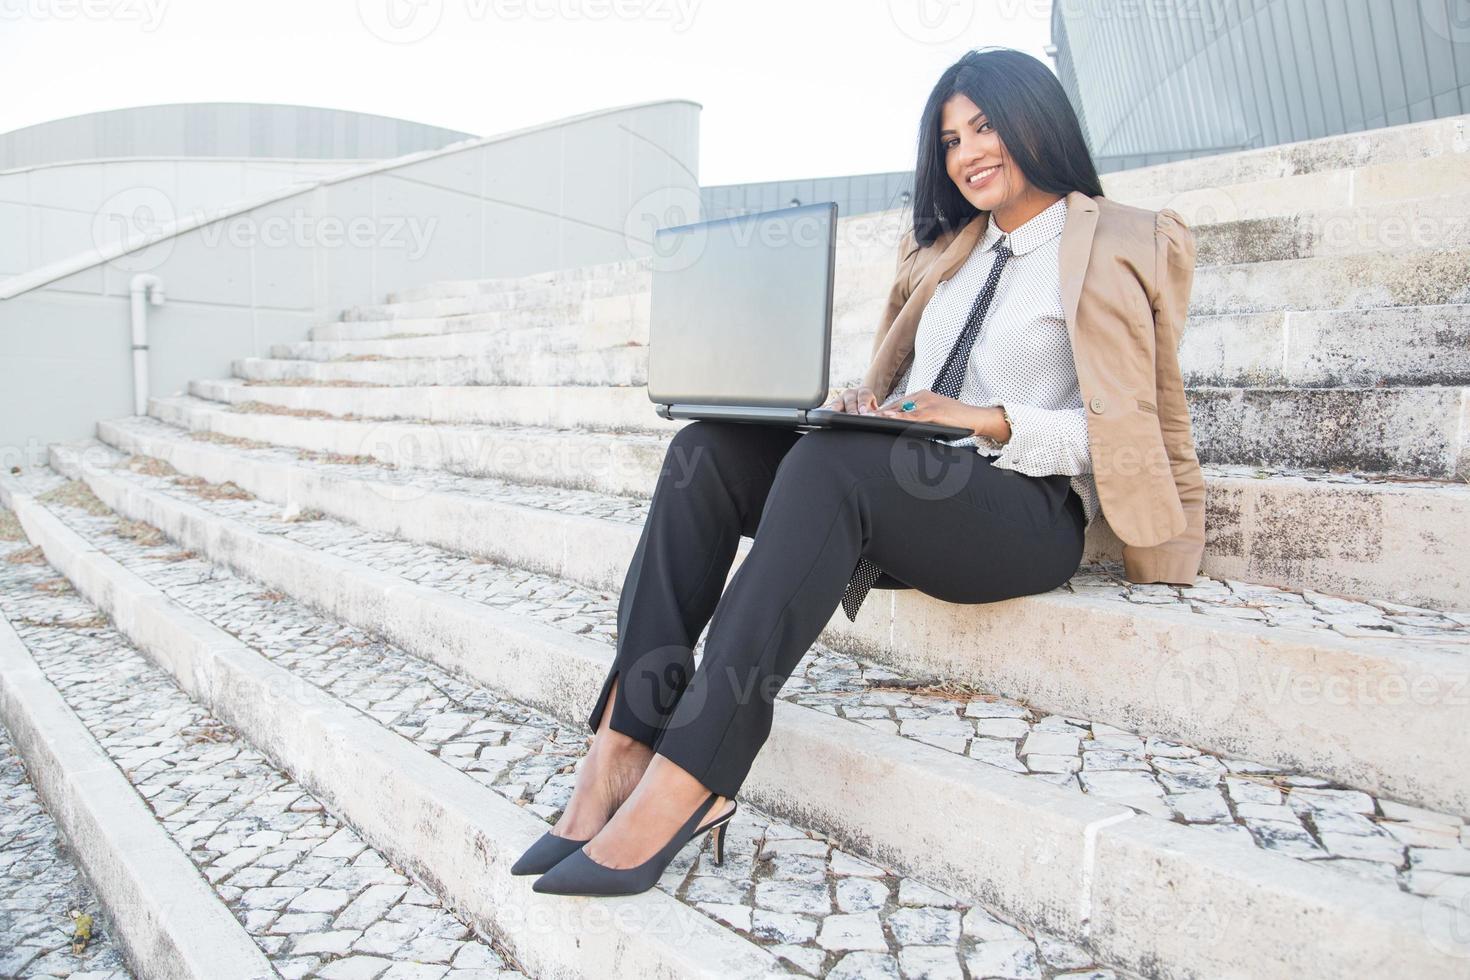 glücklicher hispanischer weiblicher Manager, der freie Arbeit genießt foto